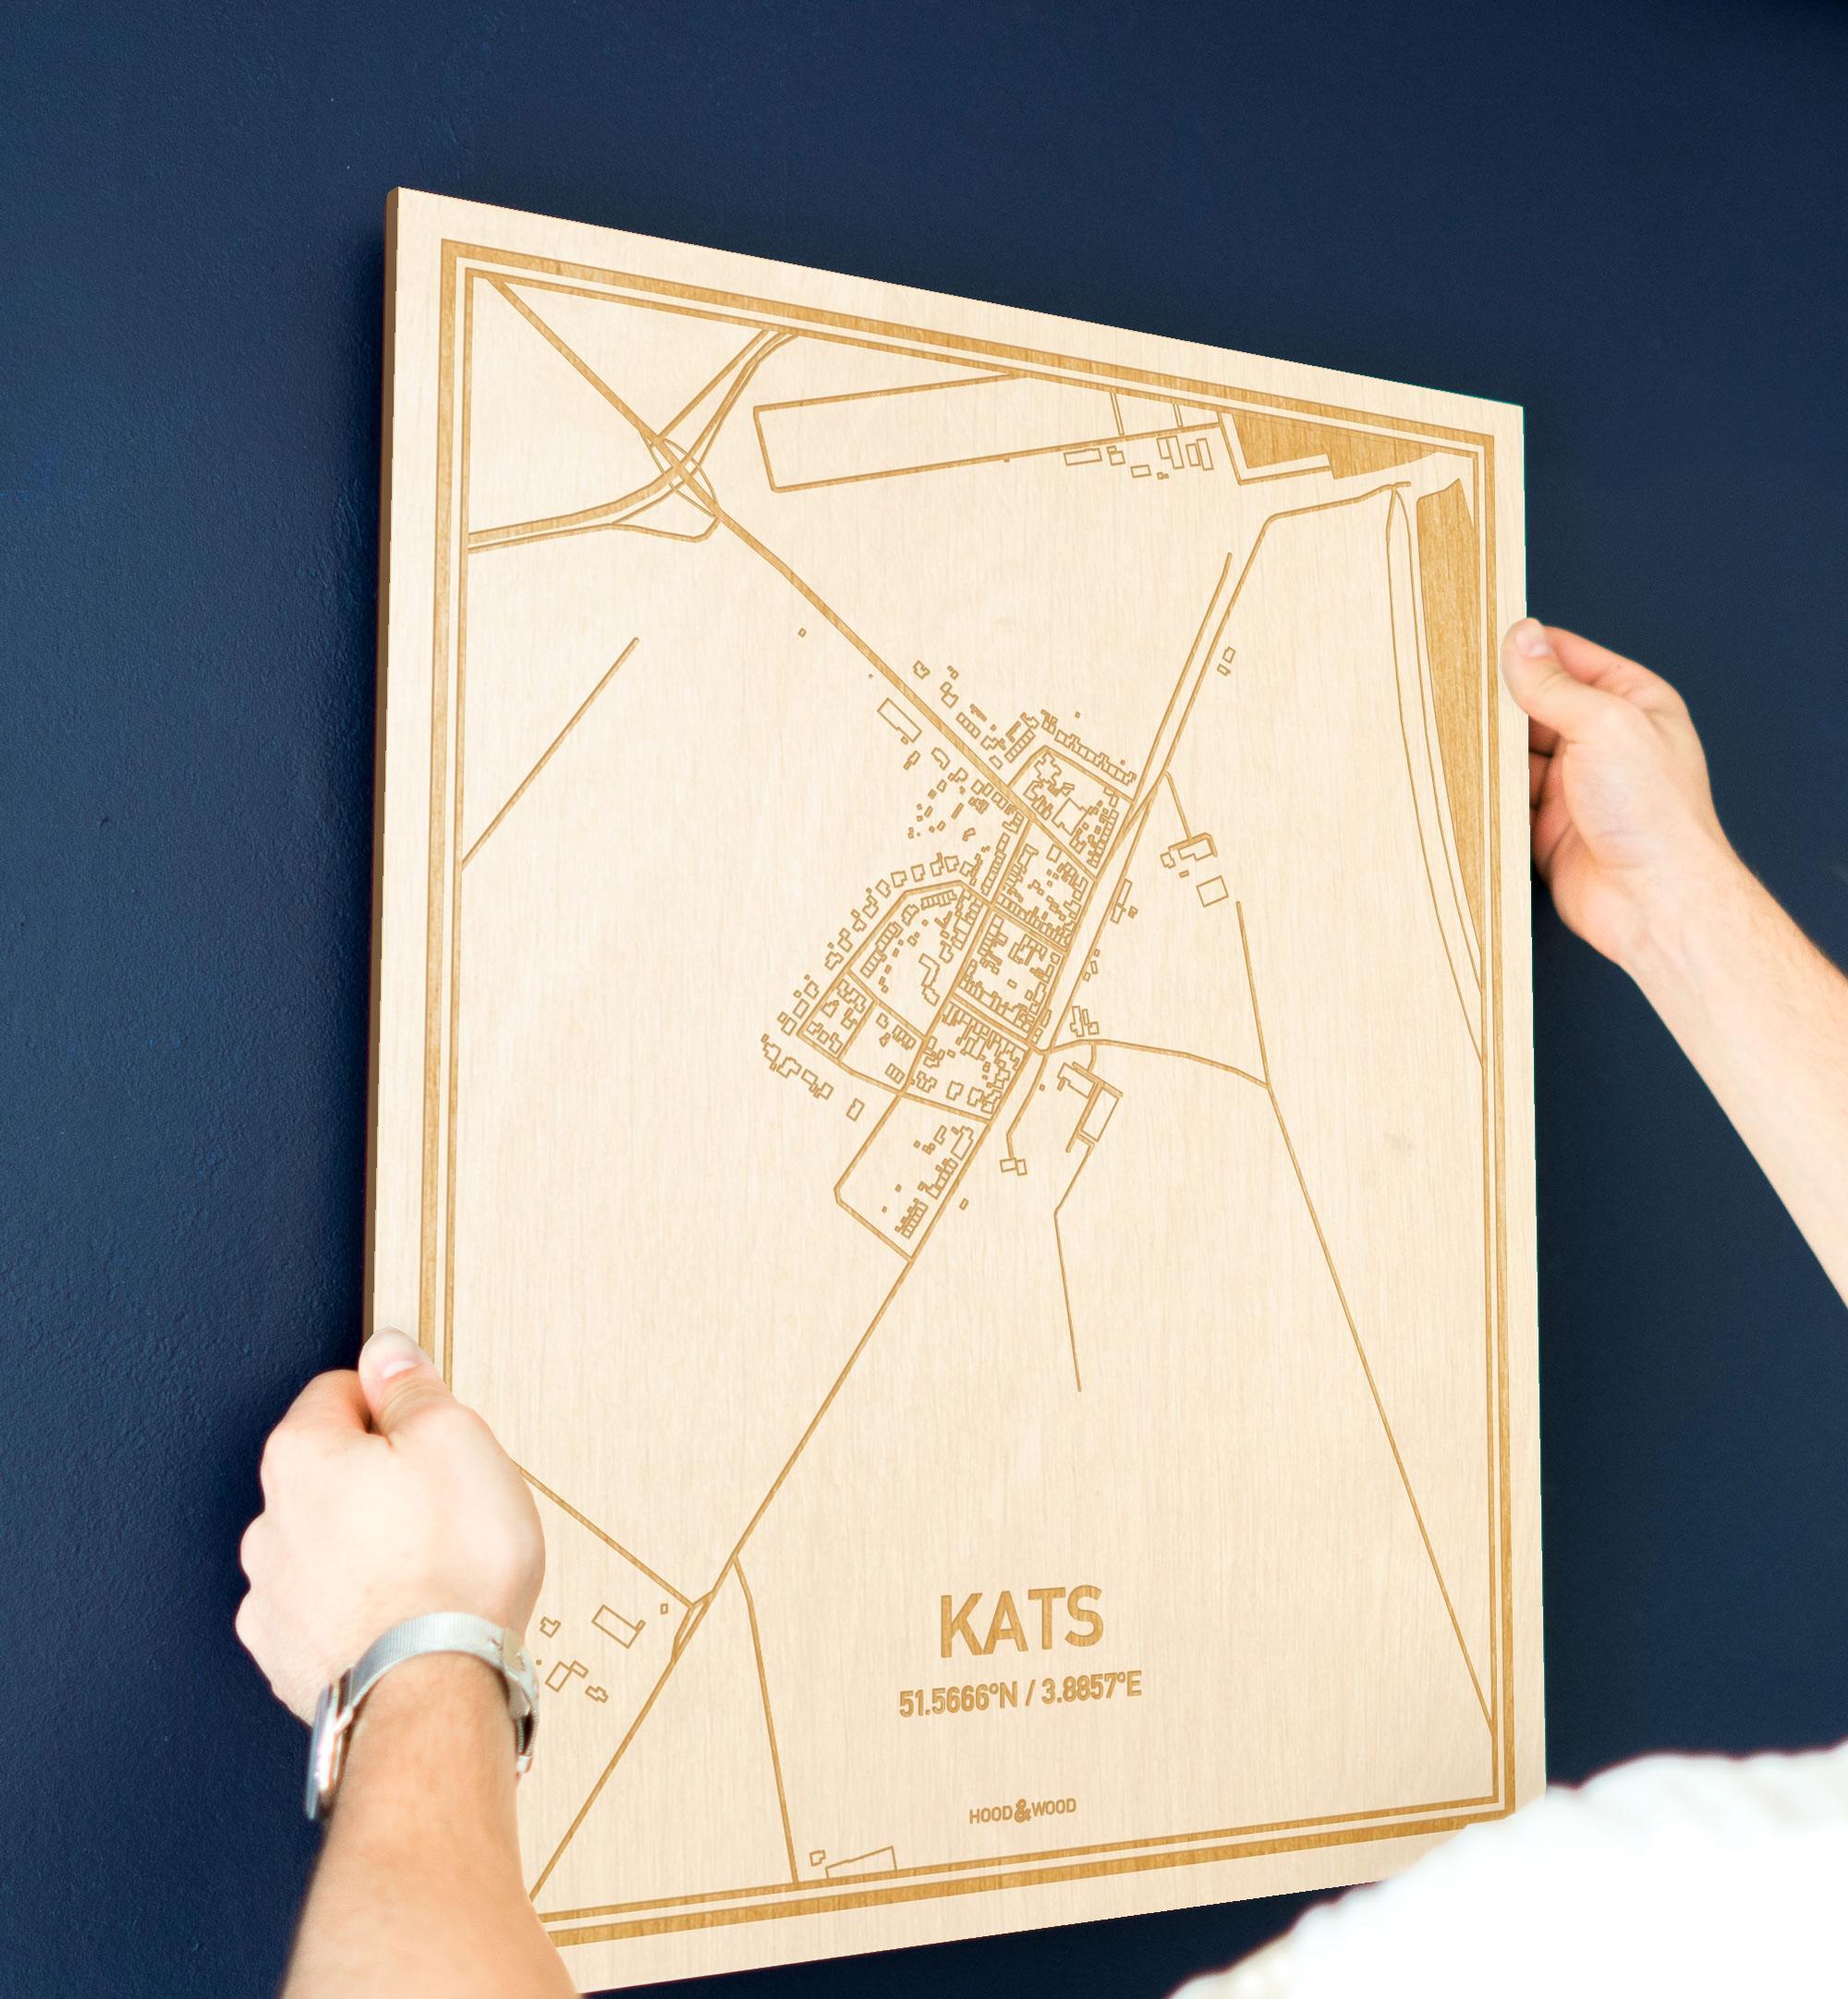 Een man hangt de houten plattegrond Kats aan zijn blauwe muur ter decoratie. Je ziet alleen zijn handen de kaart van deze stijlvolle in Zeeland vasthouden.